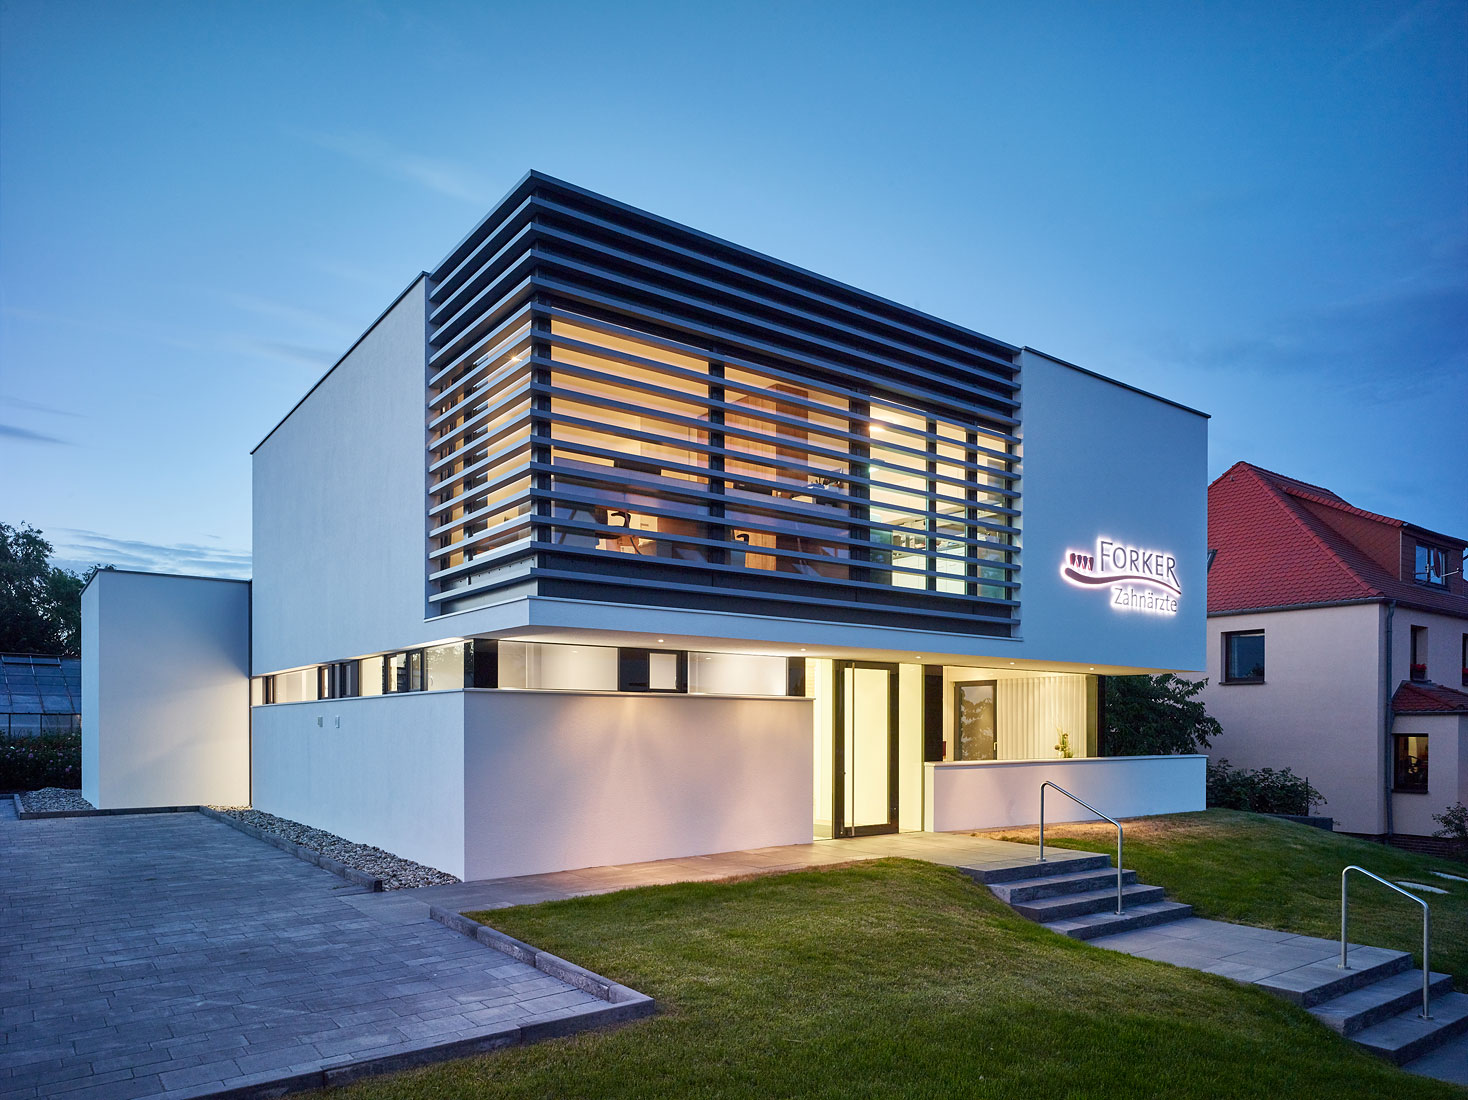 Architekturfotografie-Mirko Hertel Fotografie 09